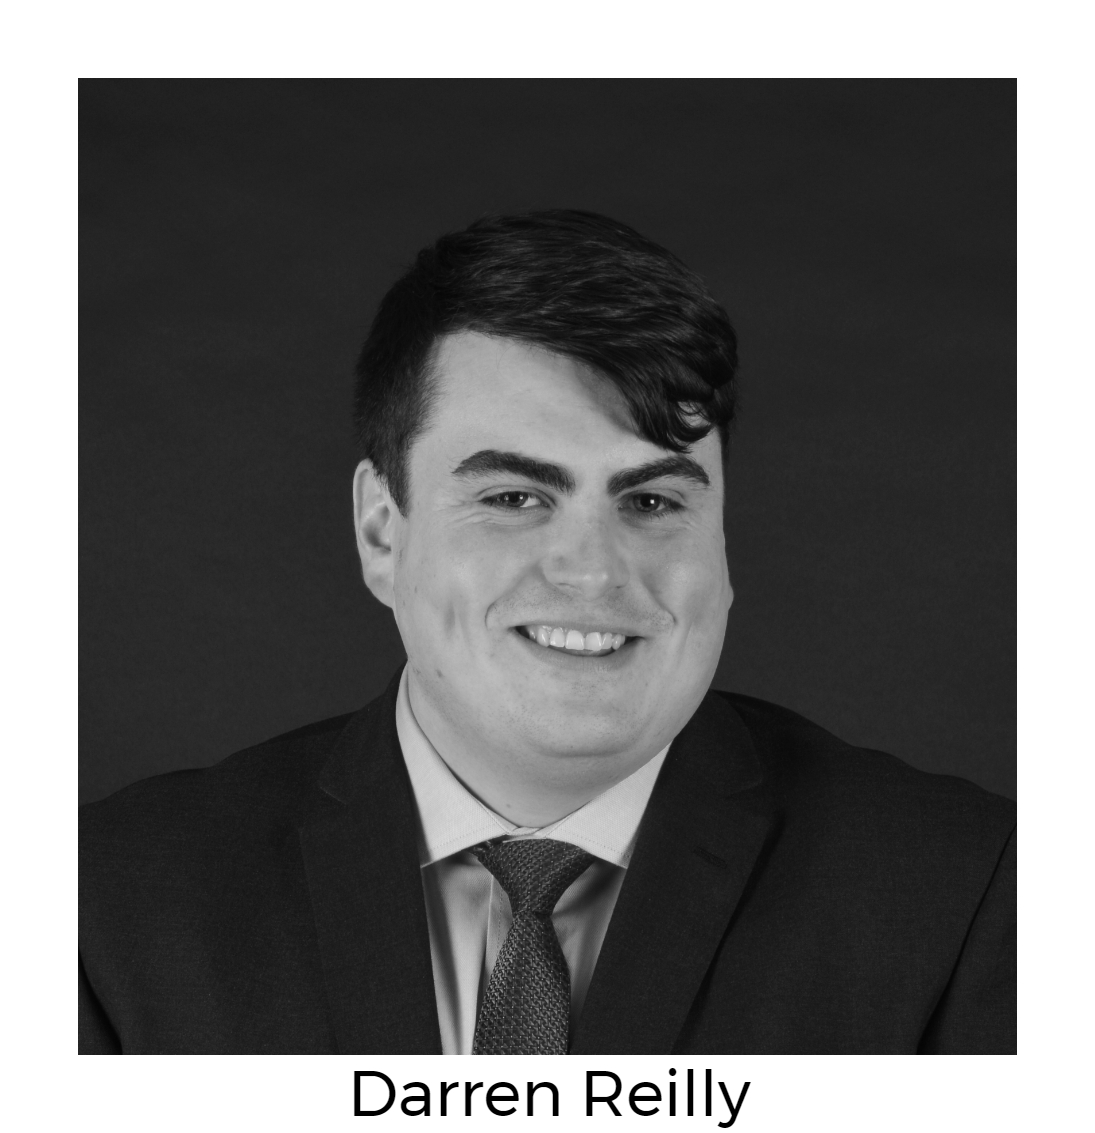 Darren Reilly